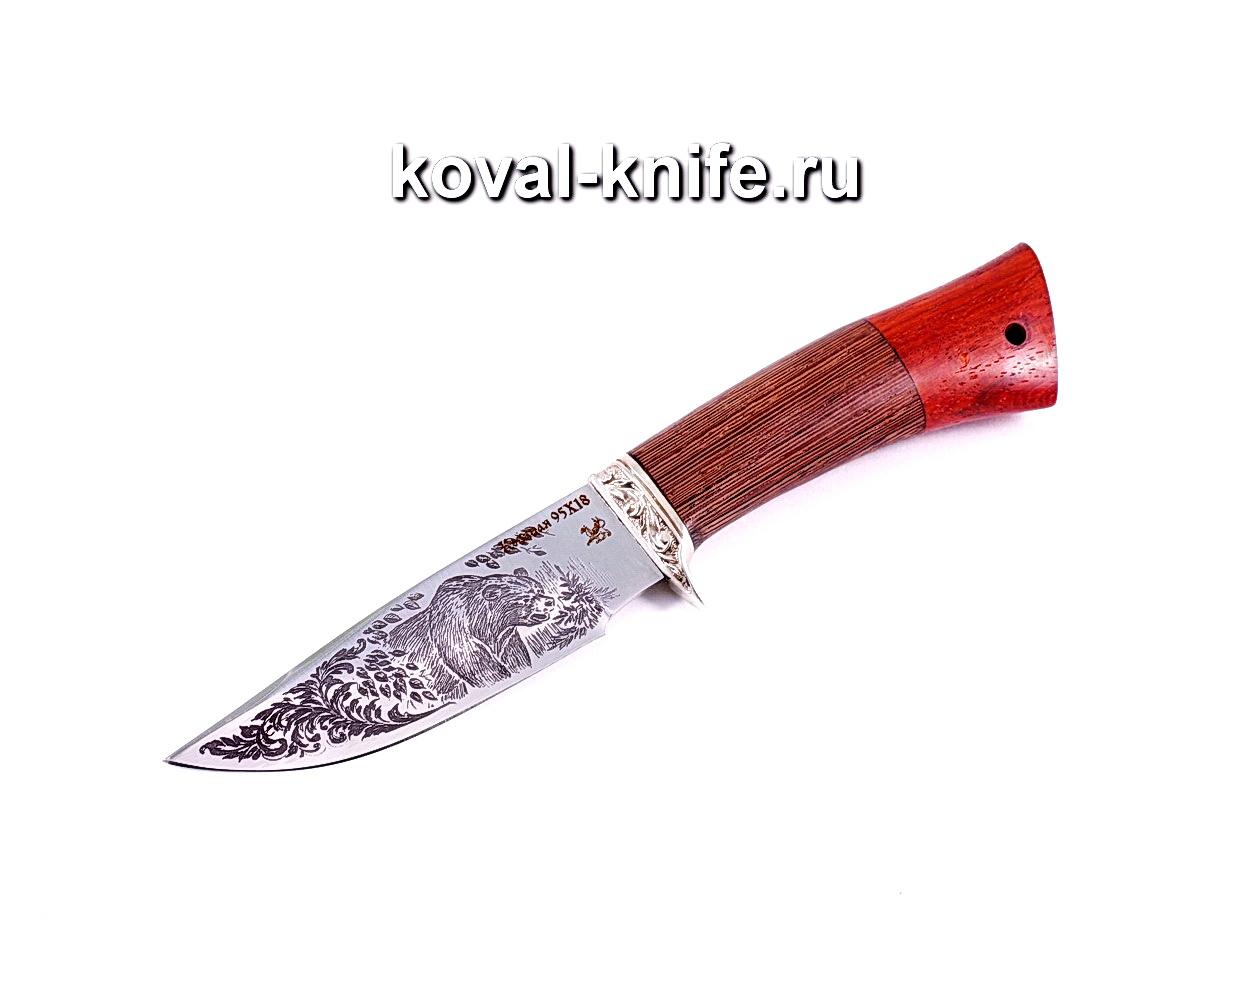 Нож Норвег (сталь 95х18), рукоять венге, падук, литье A026